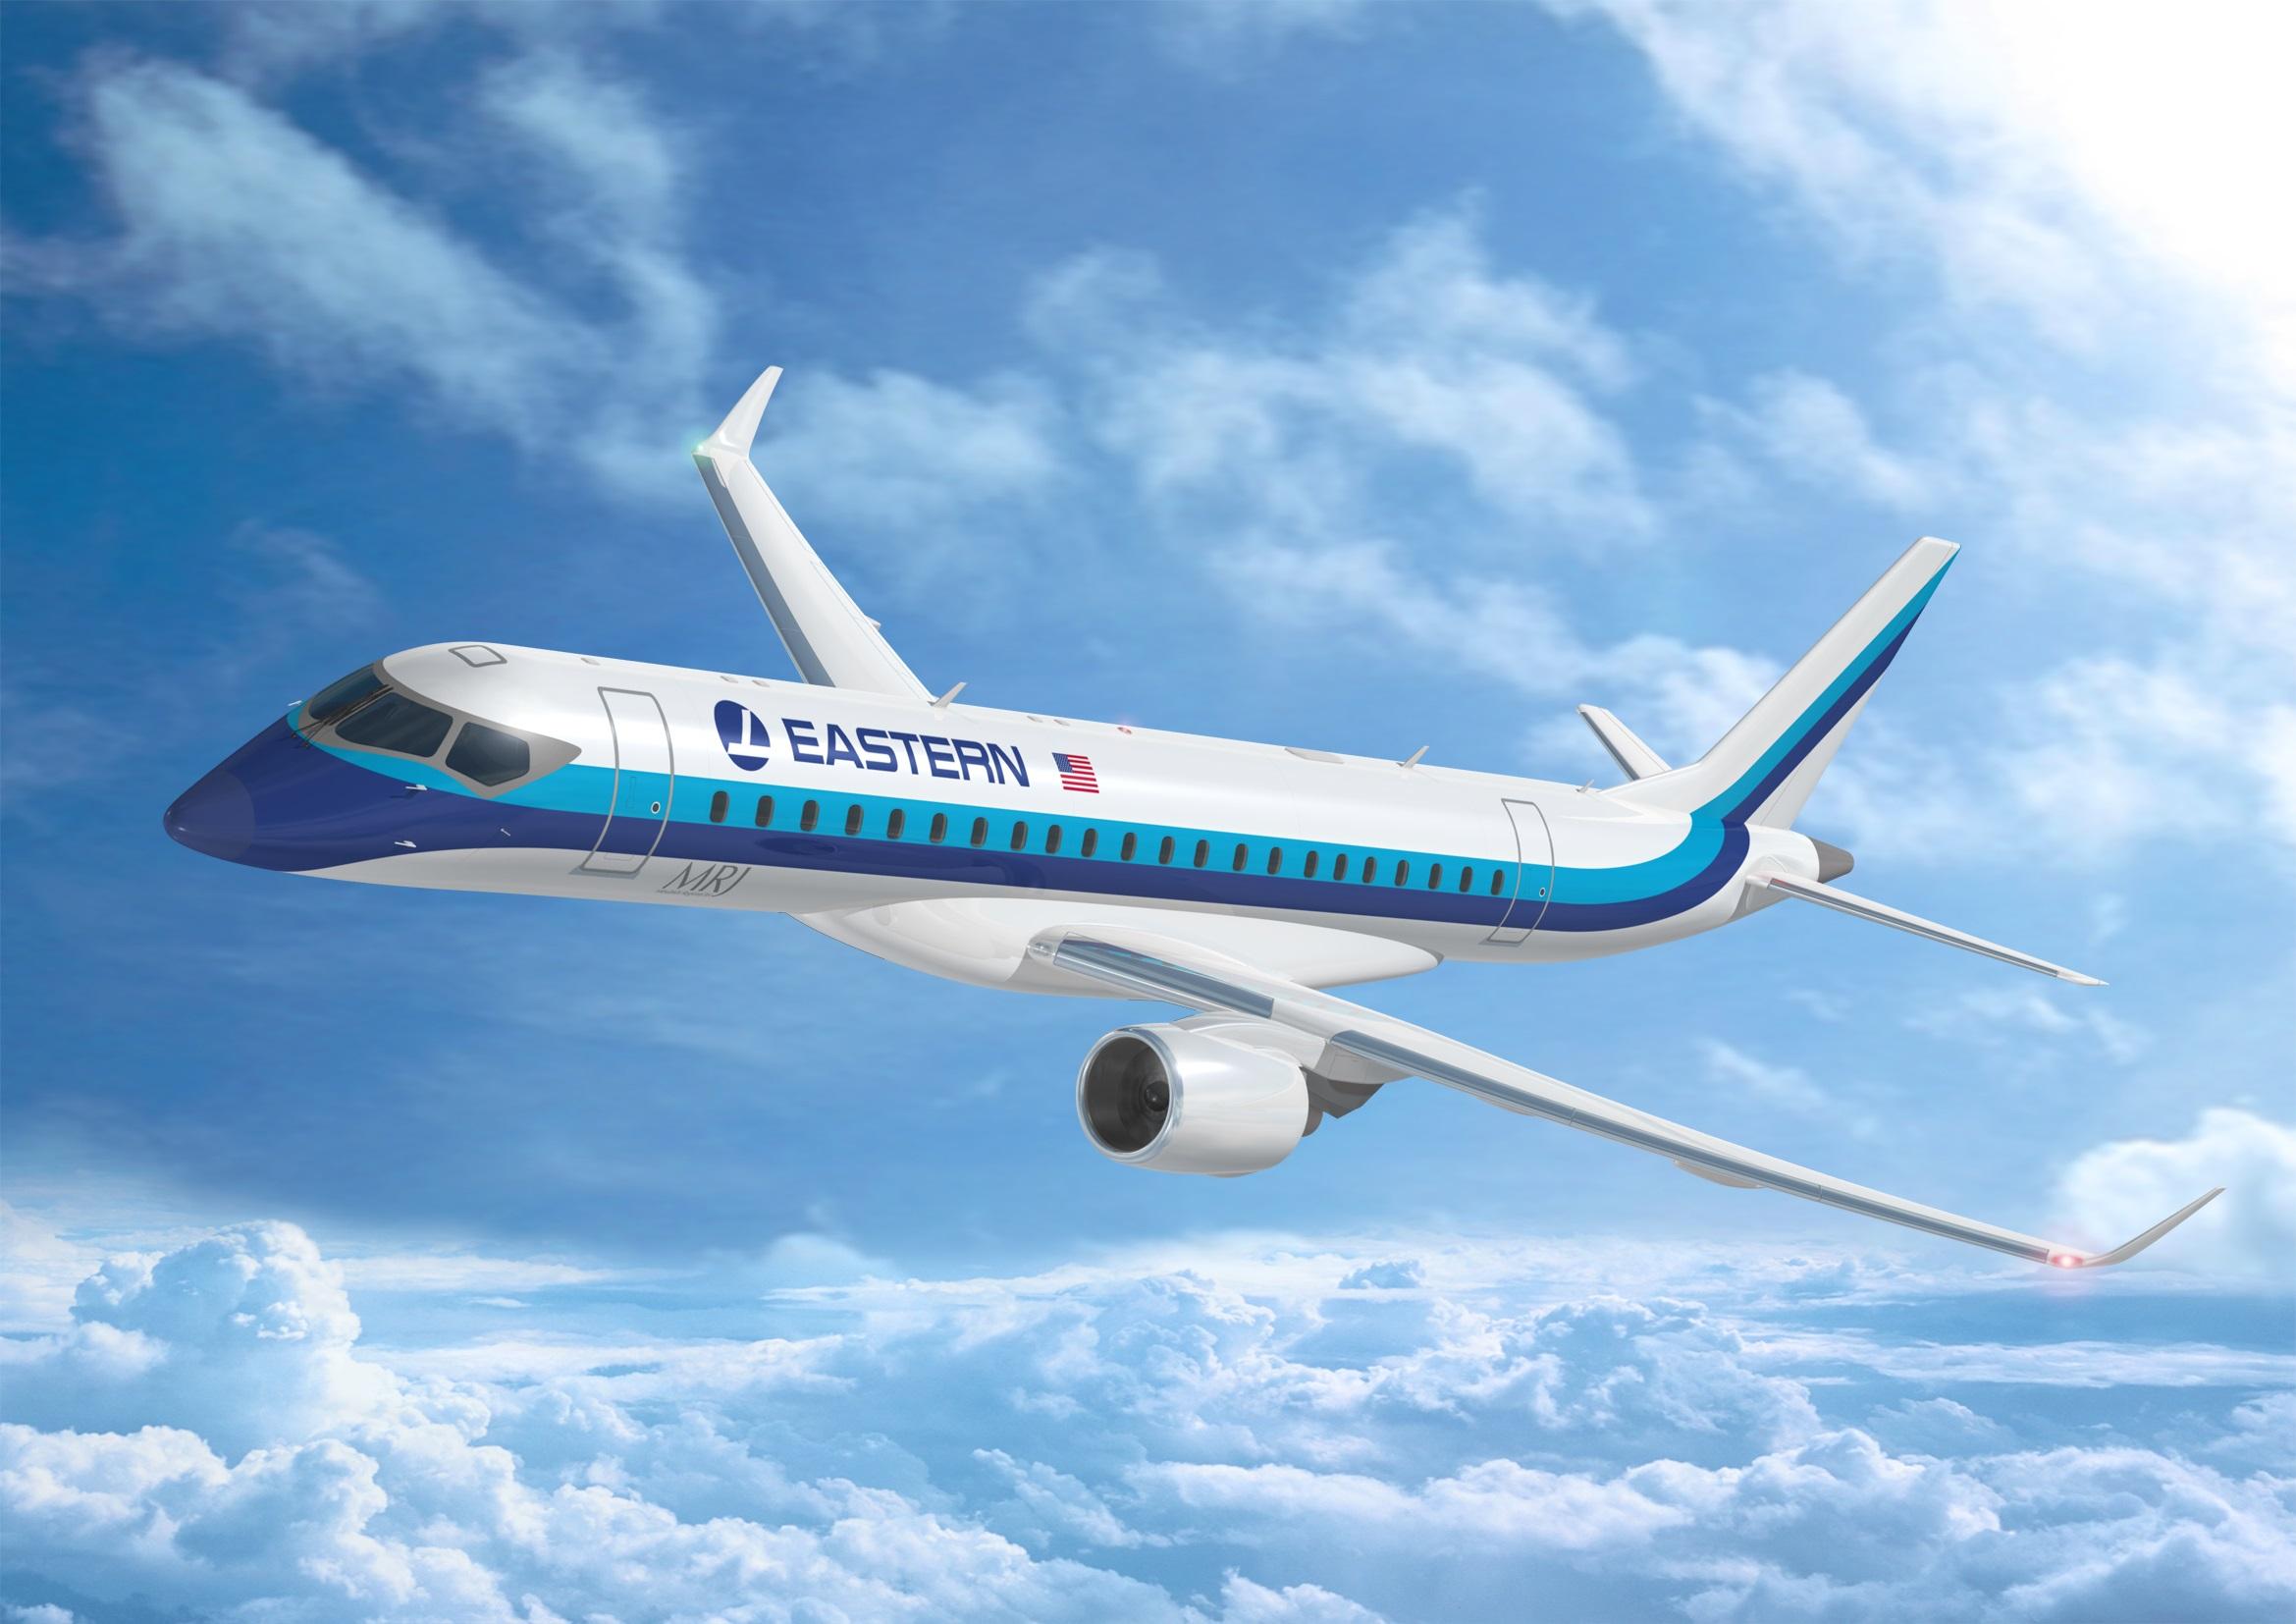 Eastern Air Lines zet intenties  om MRJ in order